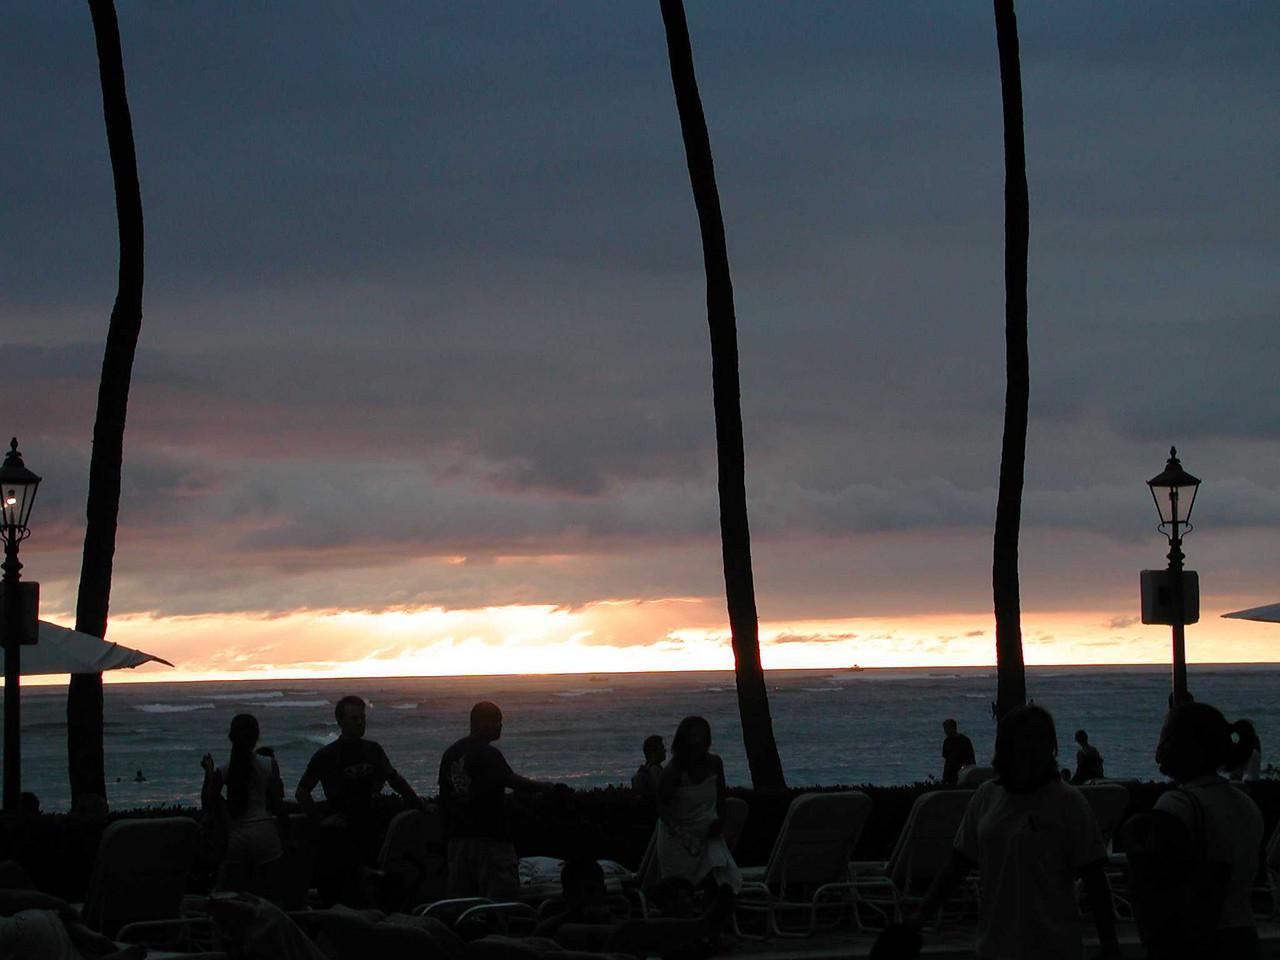 Sunset off Waikiki Beach.